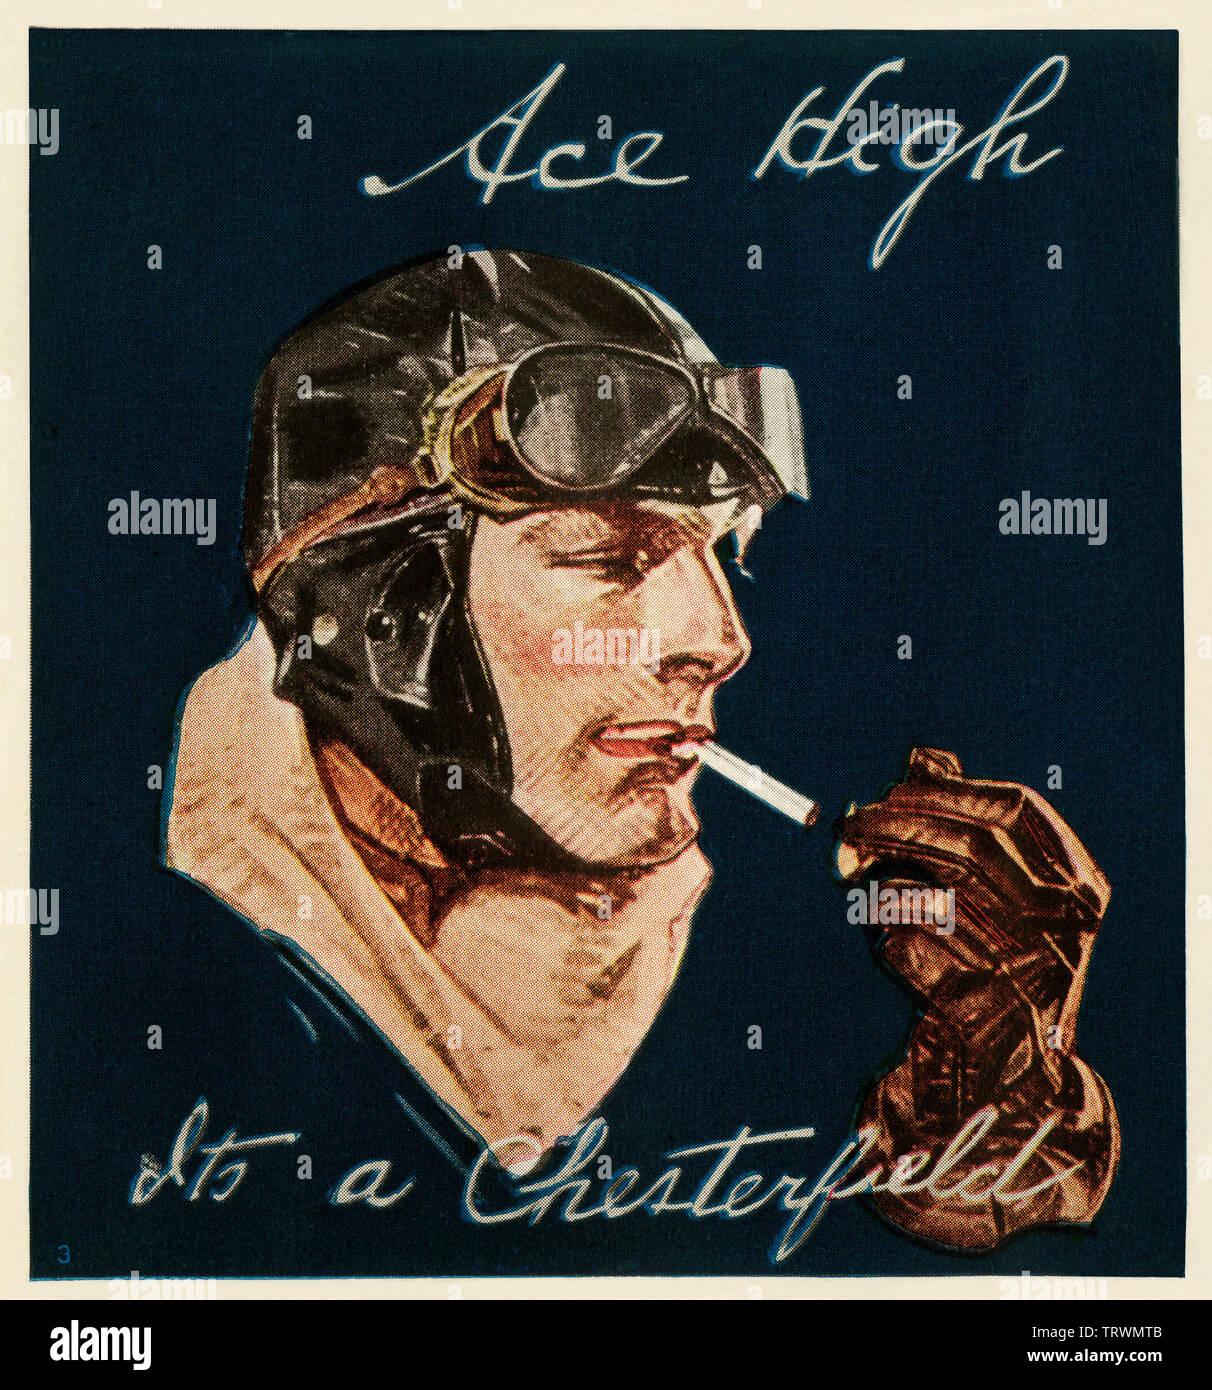 Cigarette Chesterfield annonce comportant un aviateur, années 20. Demi-teinte couleur Photo Stock